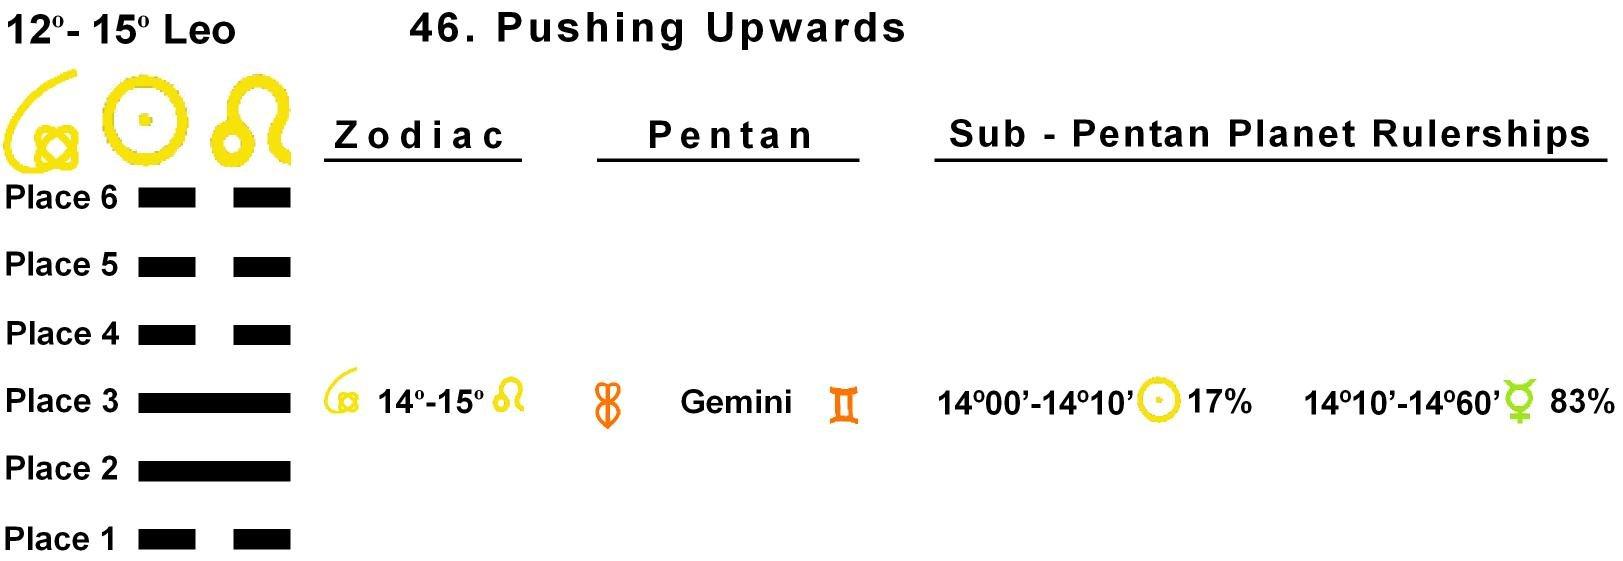 Pent-lines-05LE 14-15 Hx-46-Pushing Upwards